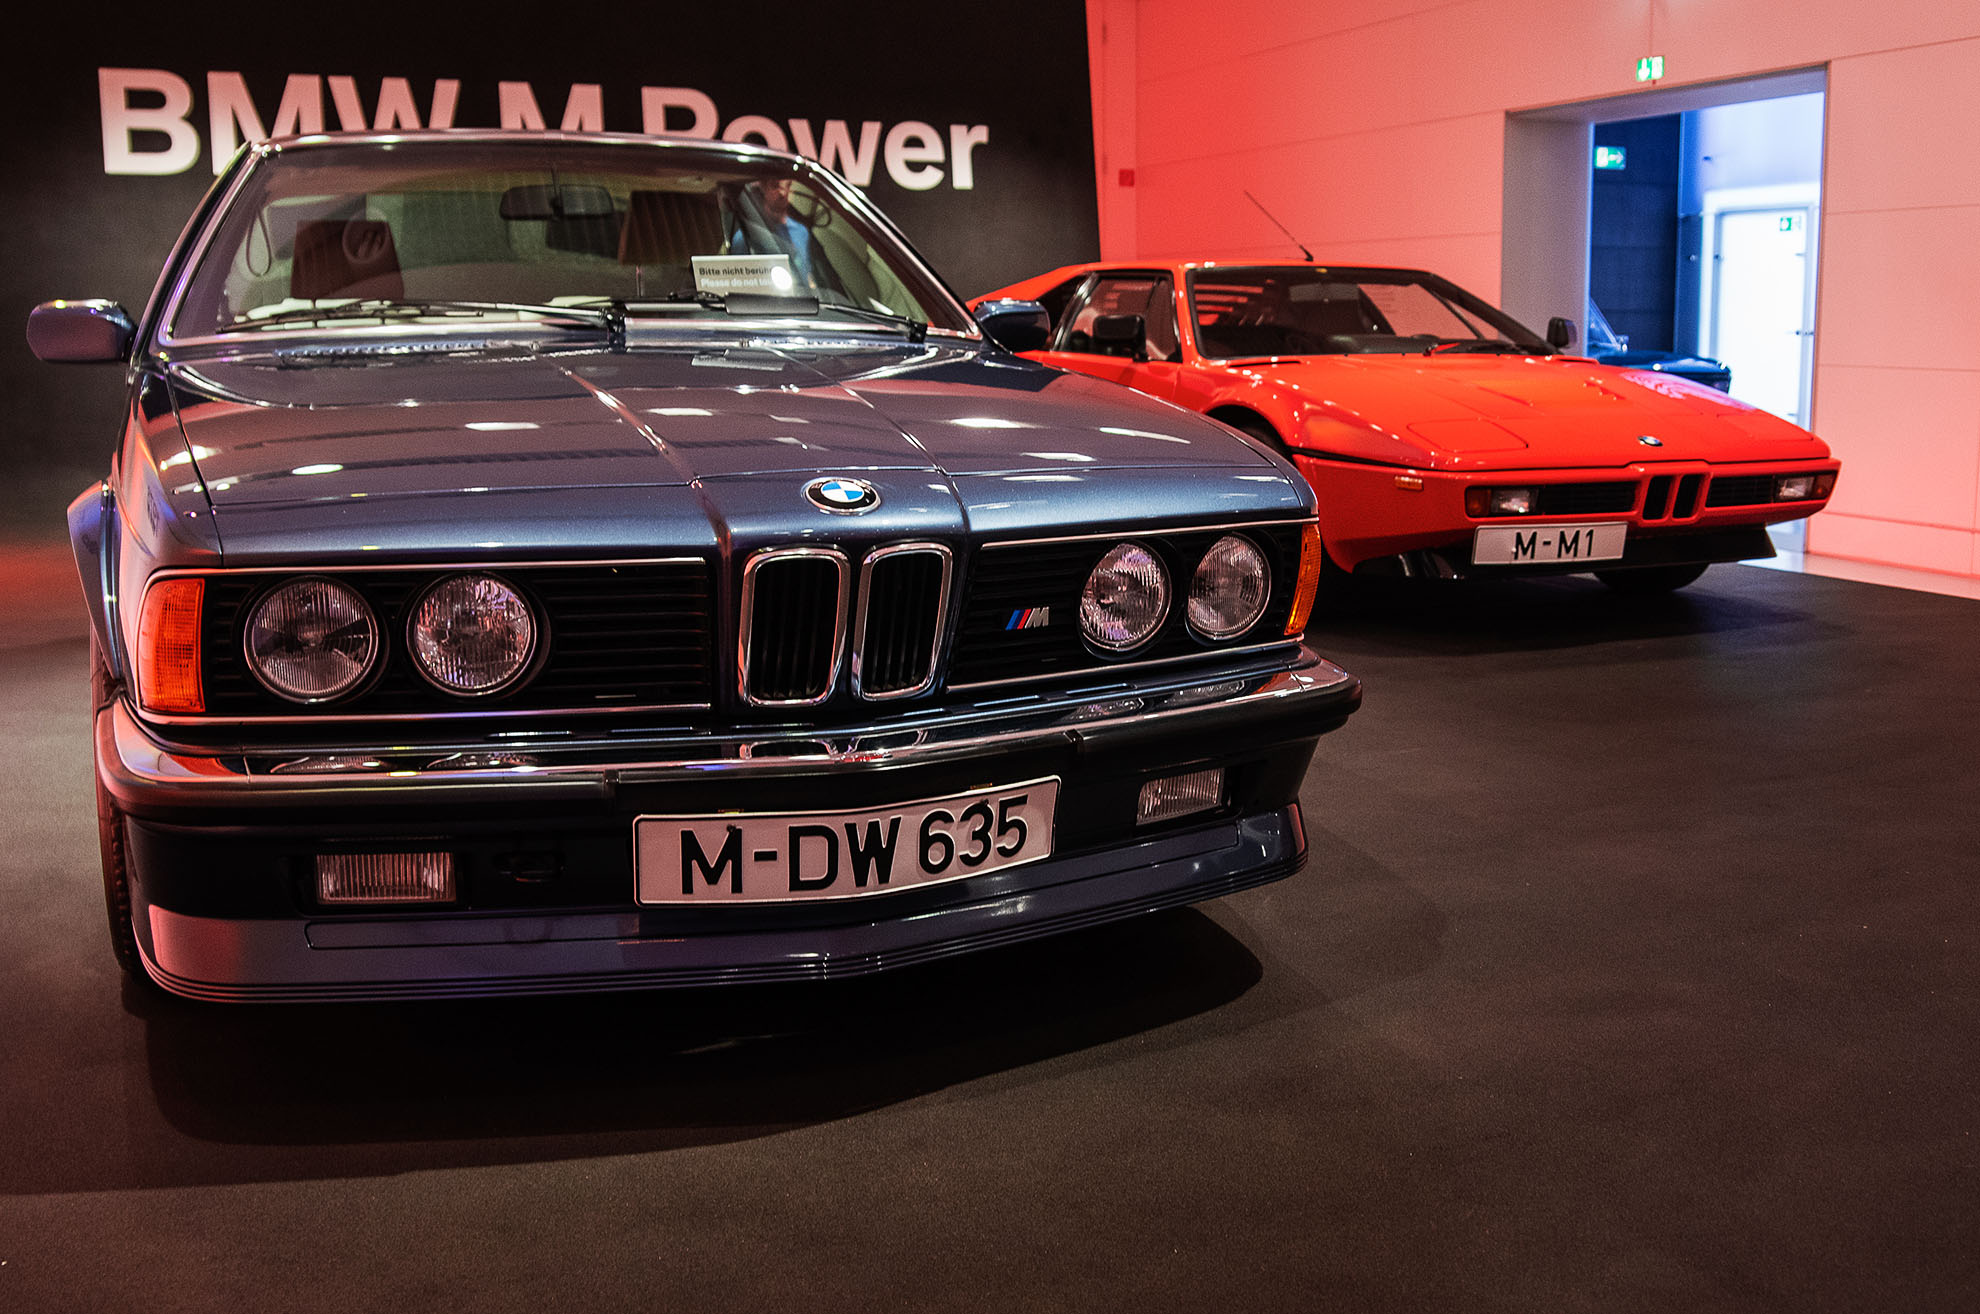 BMW M1 i BMW 635i w dziale BMW M Power